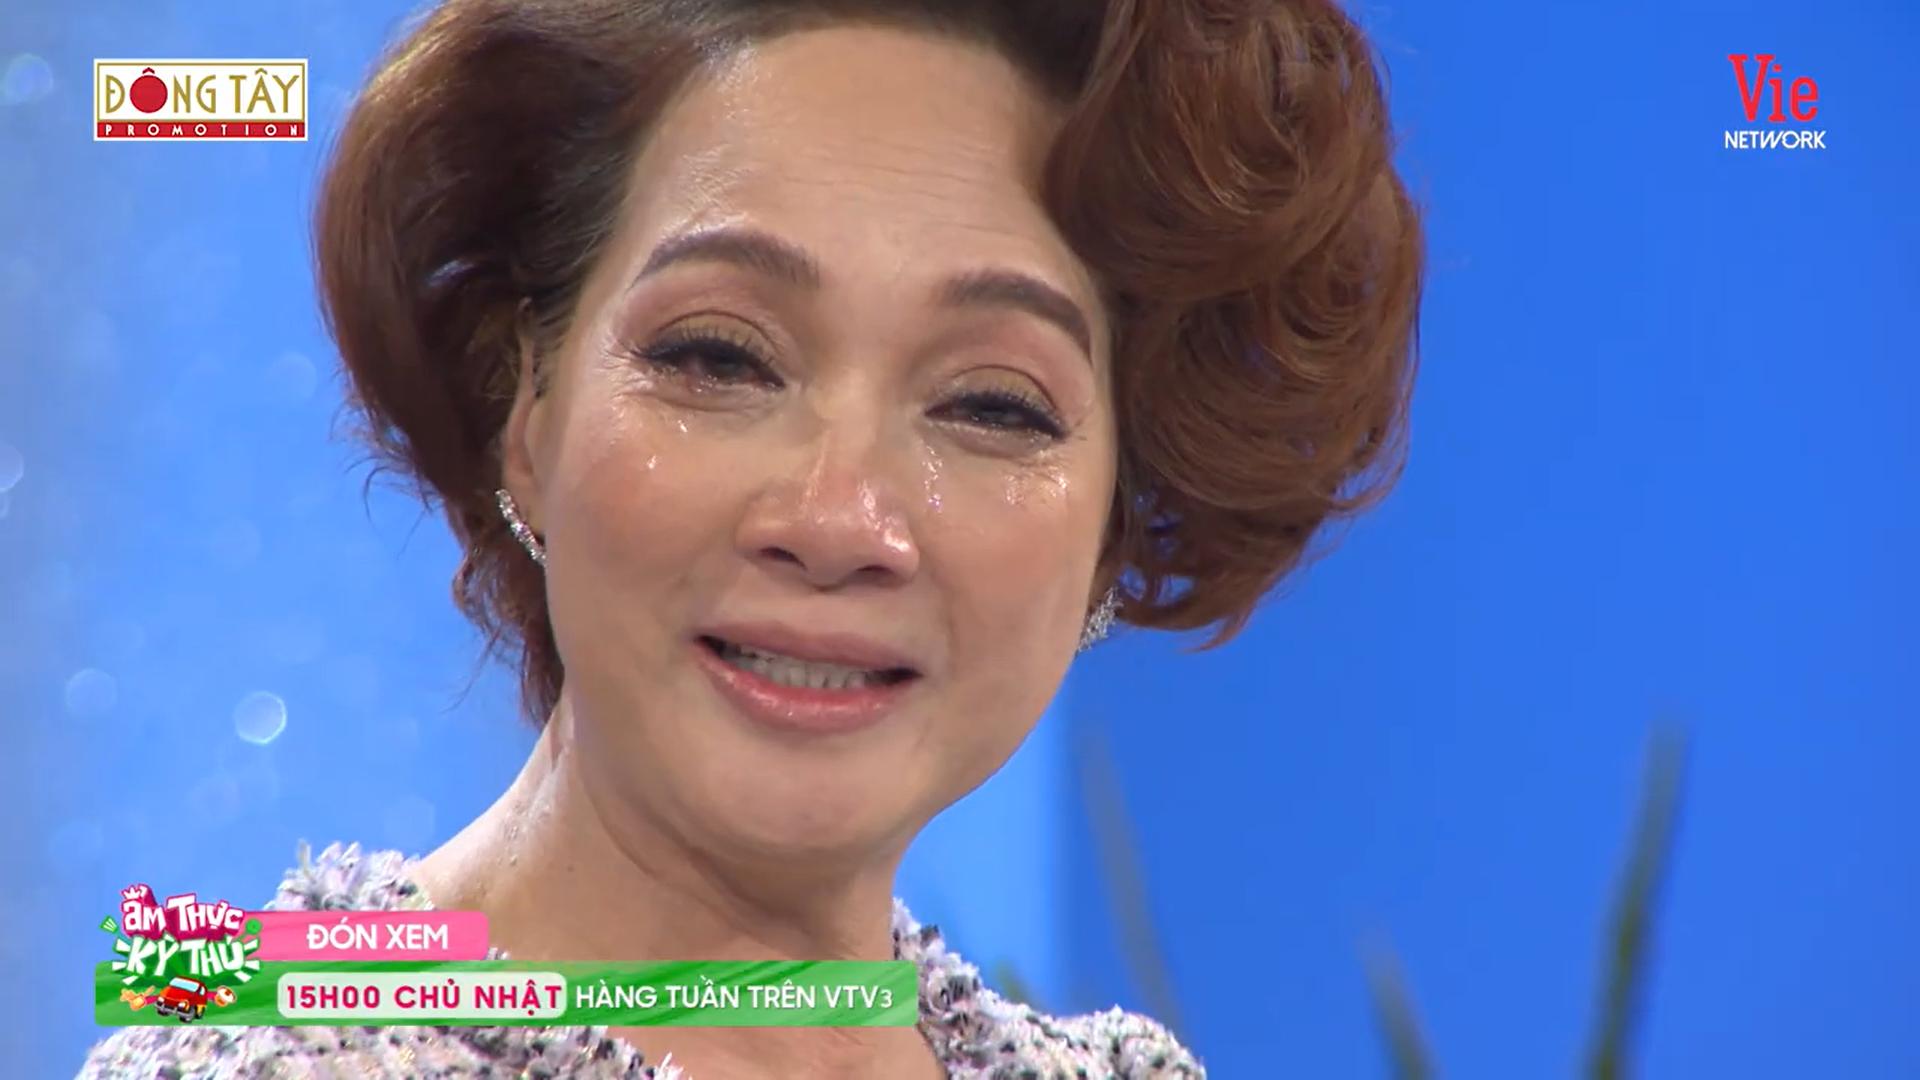 NSND Lê Khanh bật khóc nói về việc sảy thai: Tôi nhìn vào mắt chồng giống như tội đồ-3